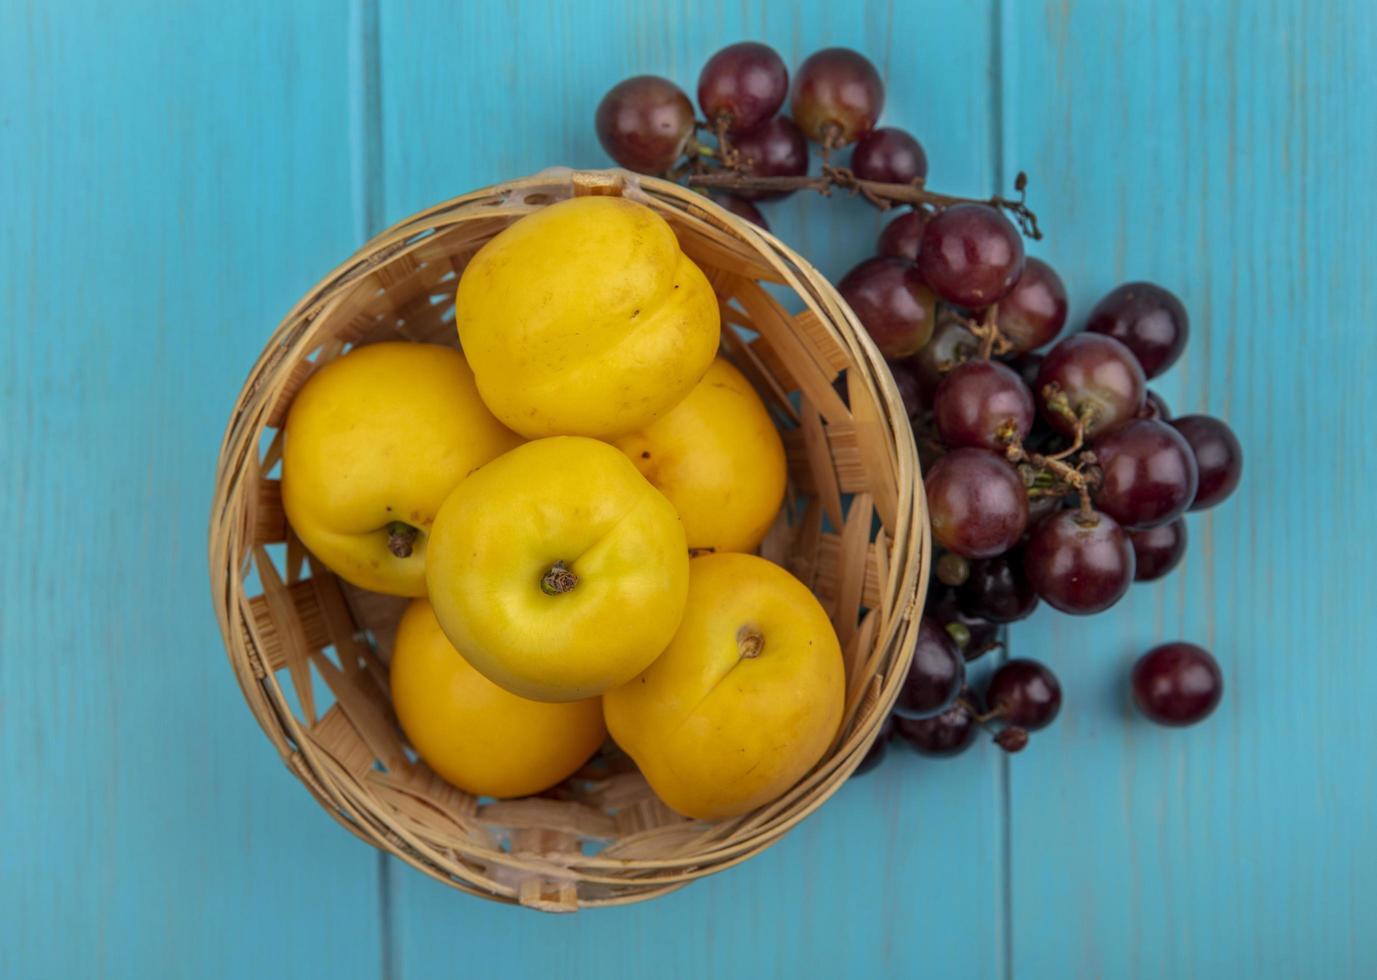 Assortiment de fruits dans un panier sur fond bleu photo